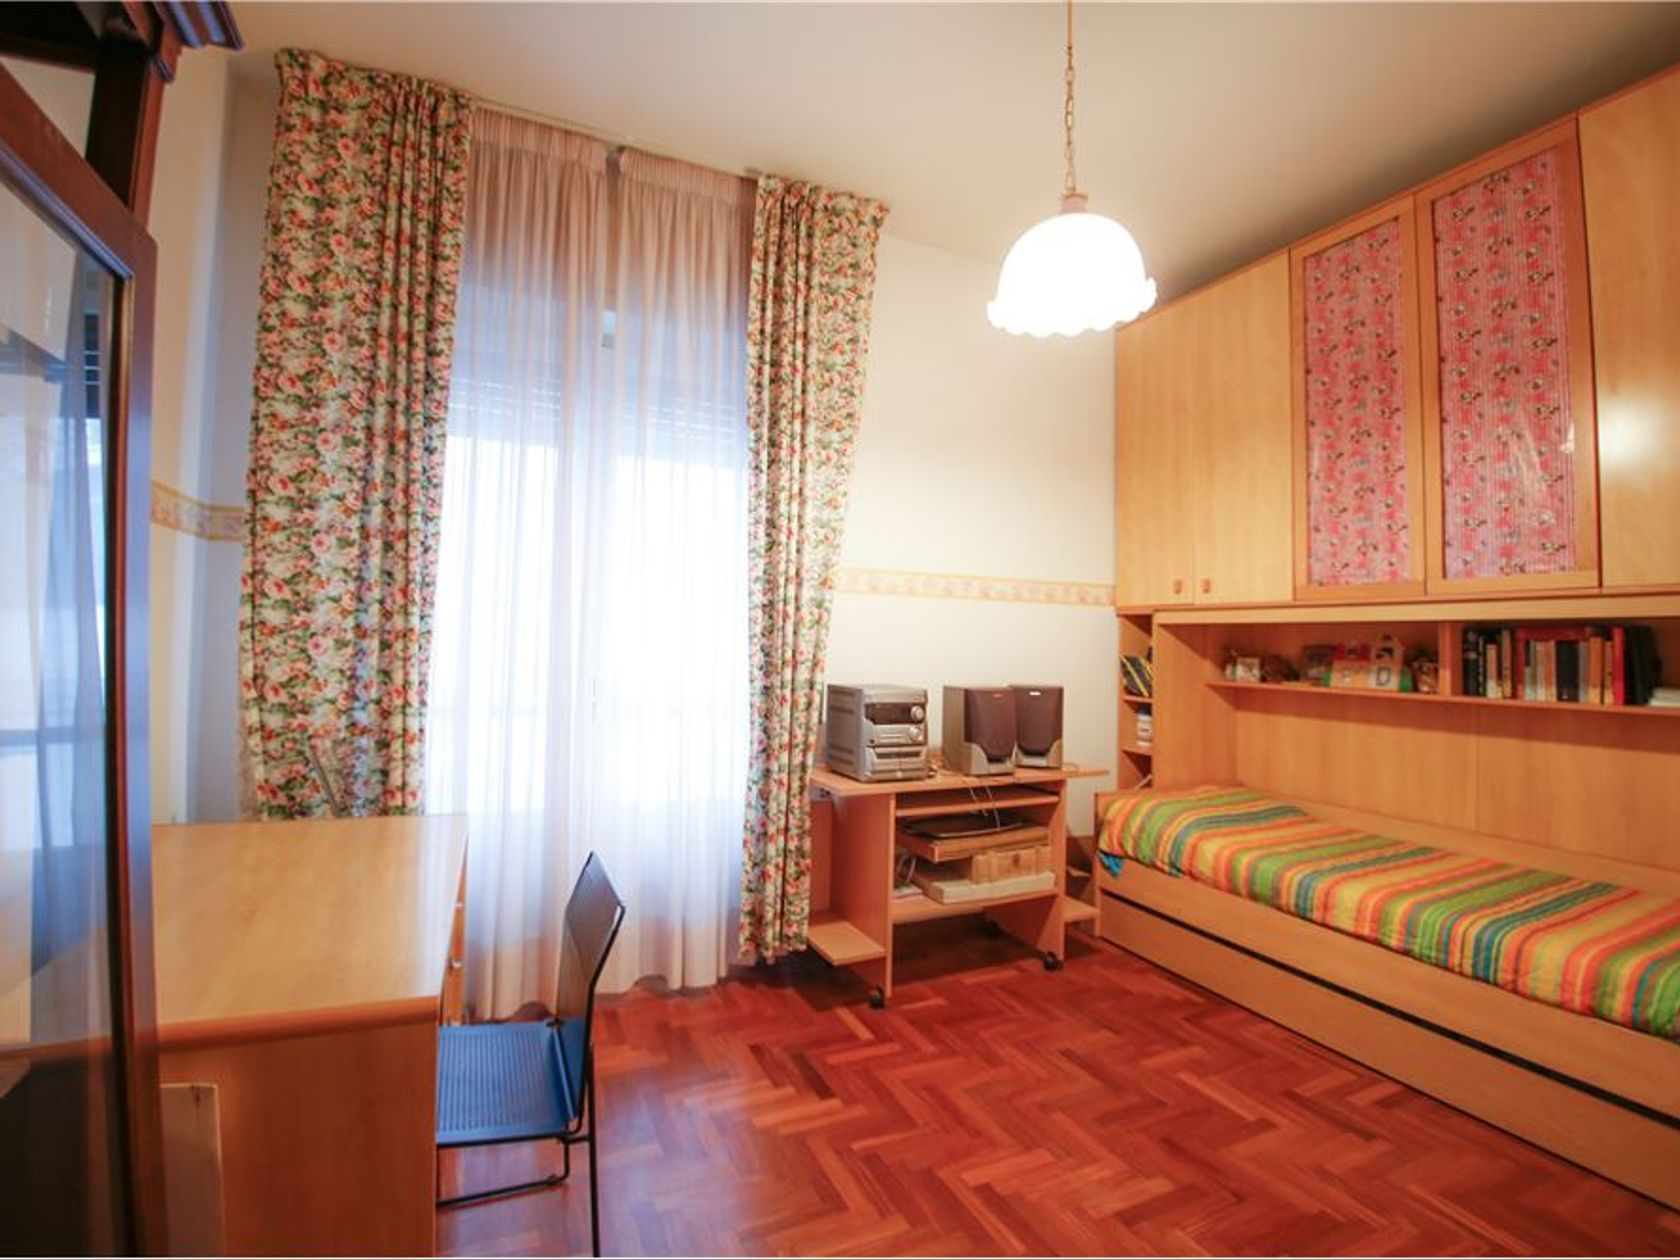 Appartamento Borgo Marfisi, Chieti, CH Vendita - Foto 11